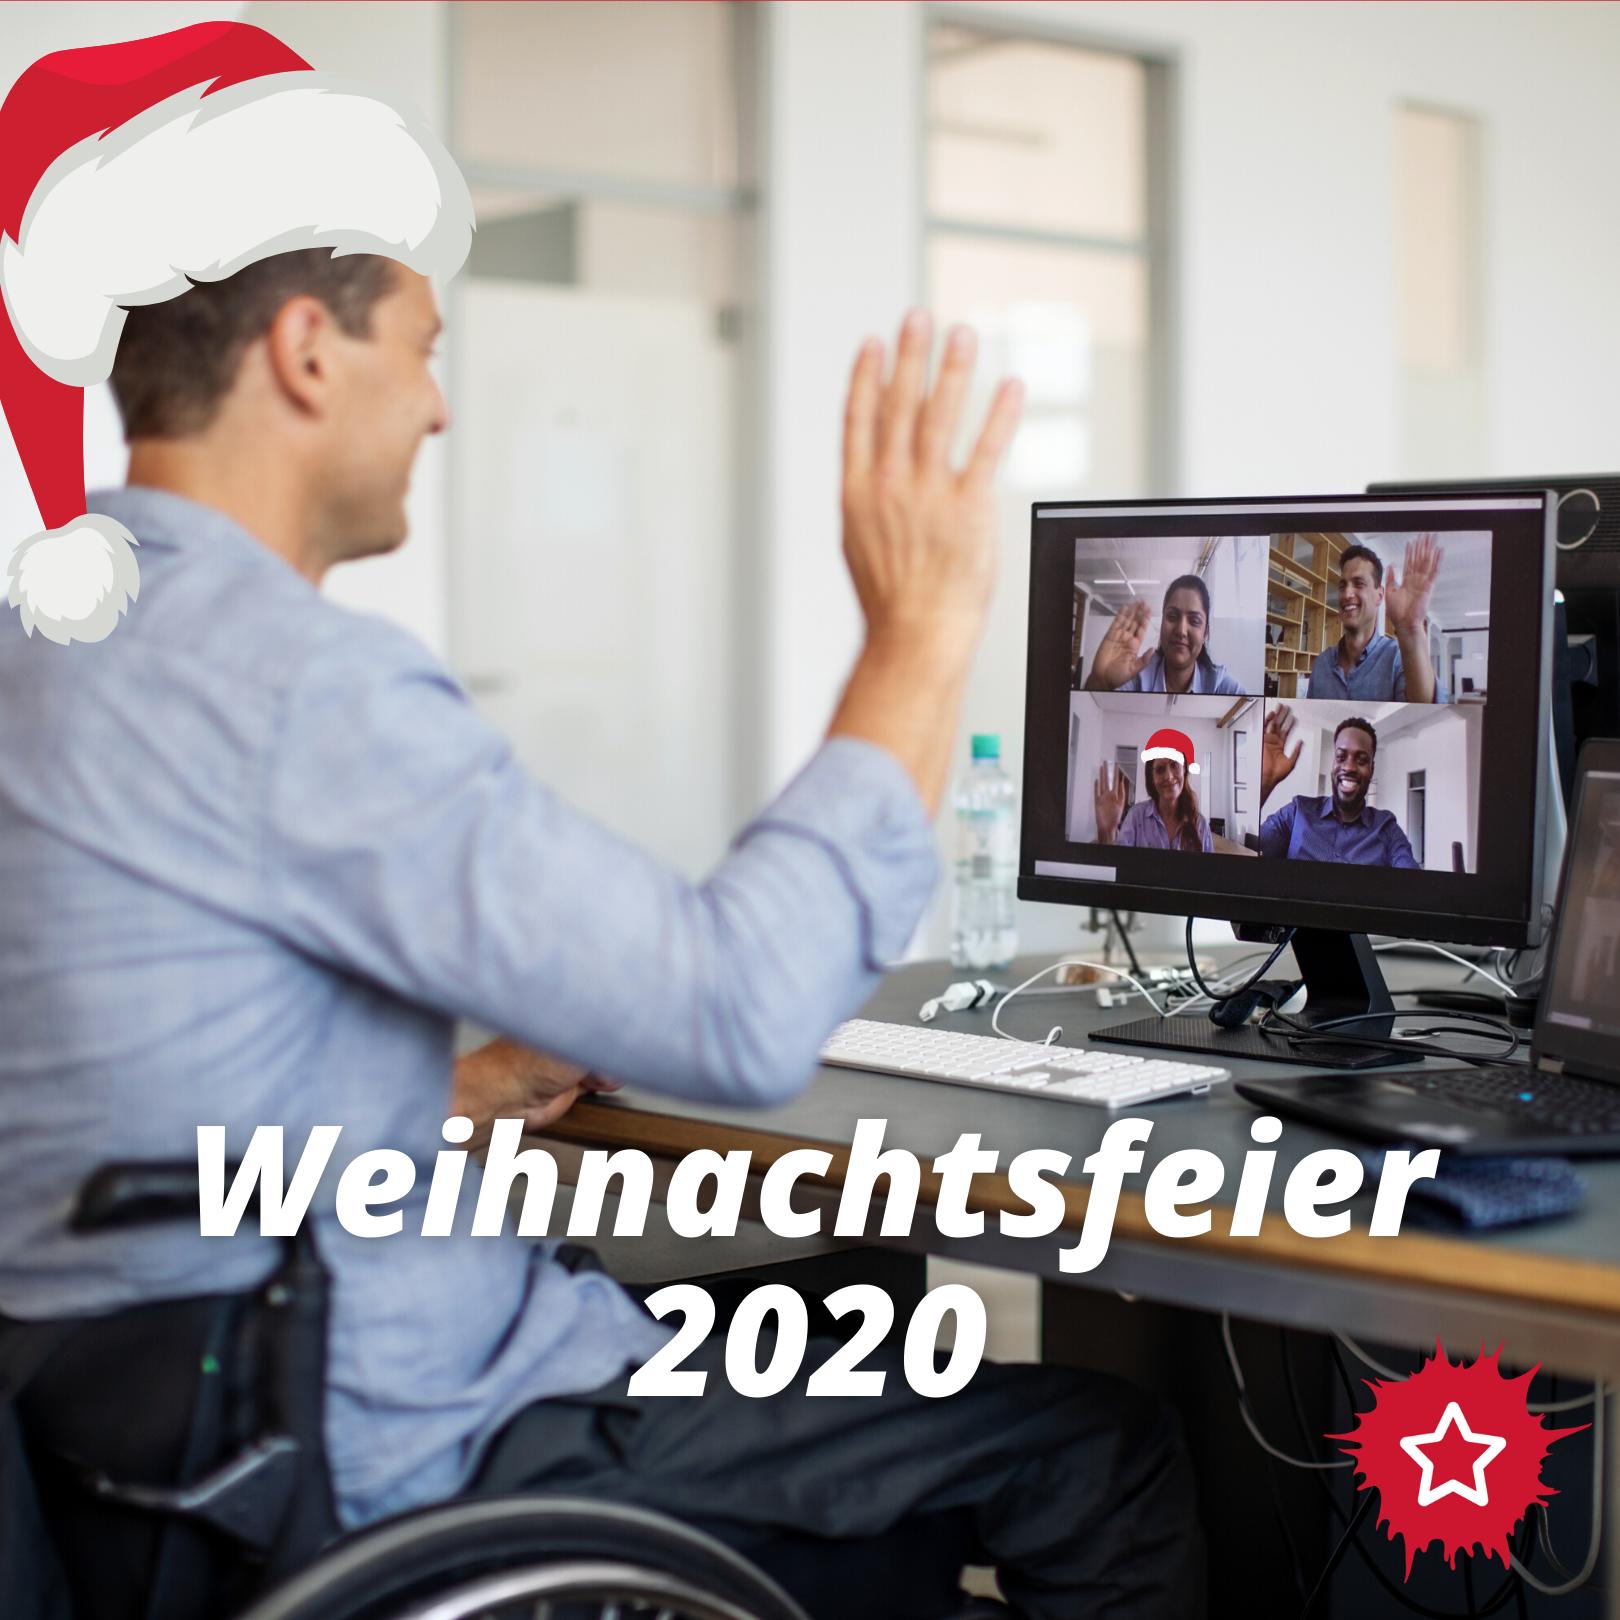 Mann sitzt vor Laptop und trägt rote Weihnachtsmütze. Er winkt seinen Kolleg*innen zu, die ihn aus einem Video-Meeting anschauen. Darunter weiße Schrift Weihnachtsfeier 2020.